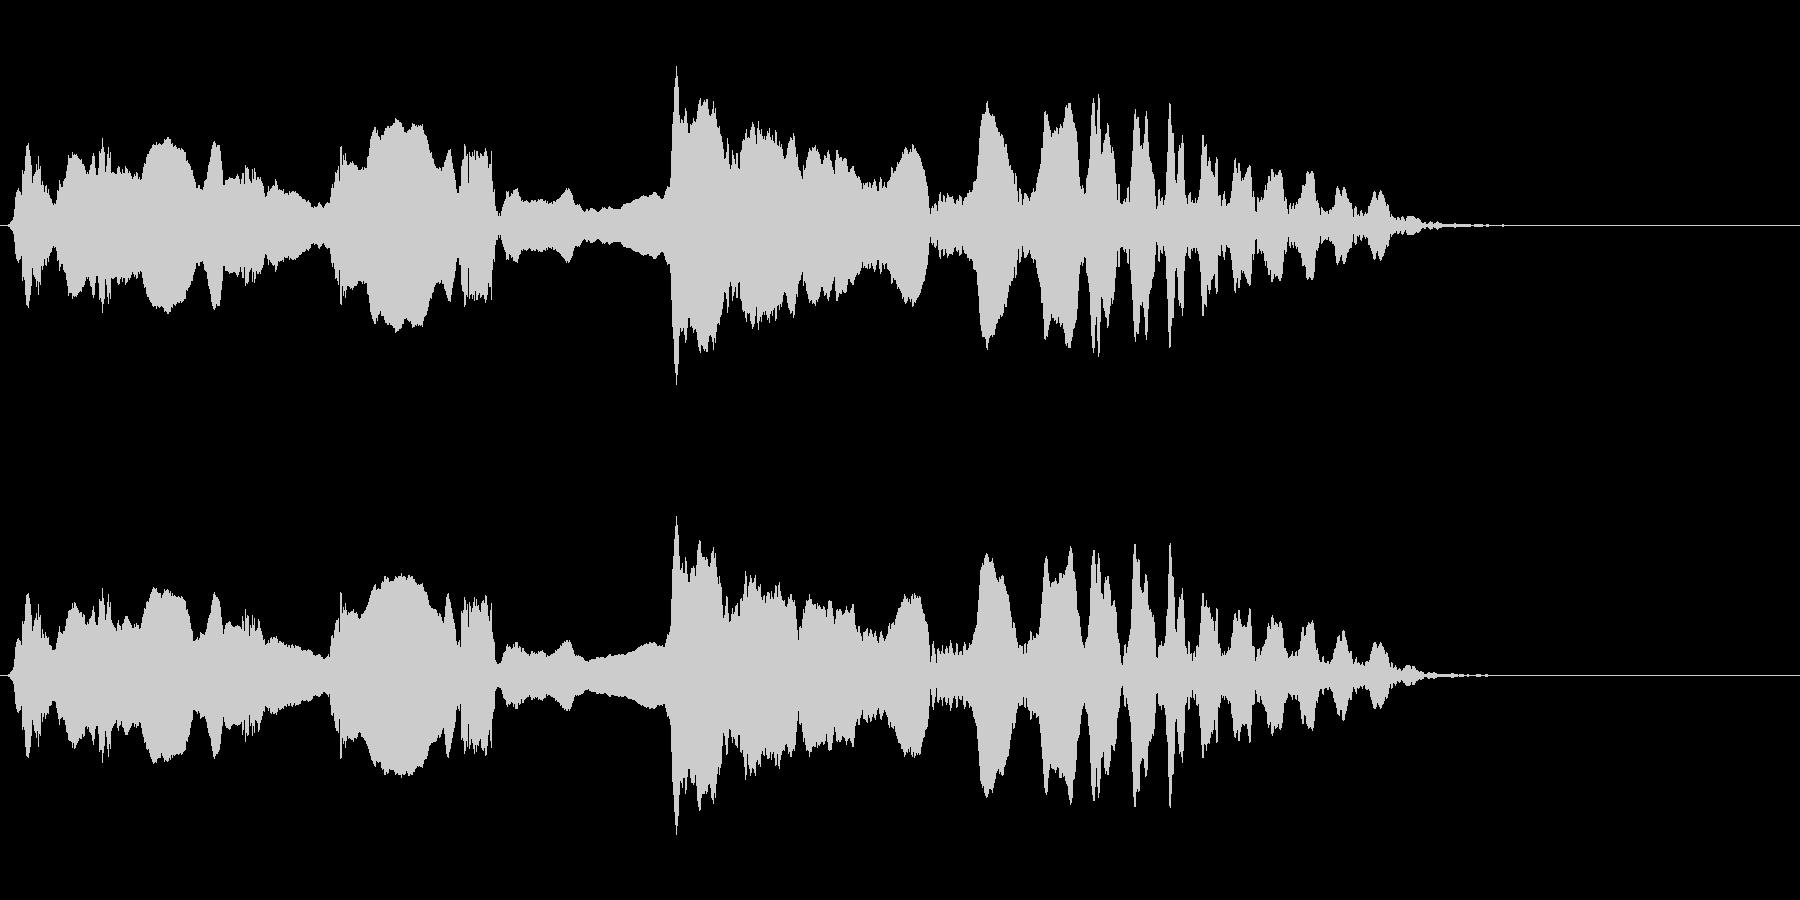 尺八 生演奏 古典風 残響音有 10の未再生の波形